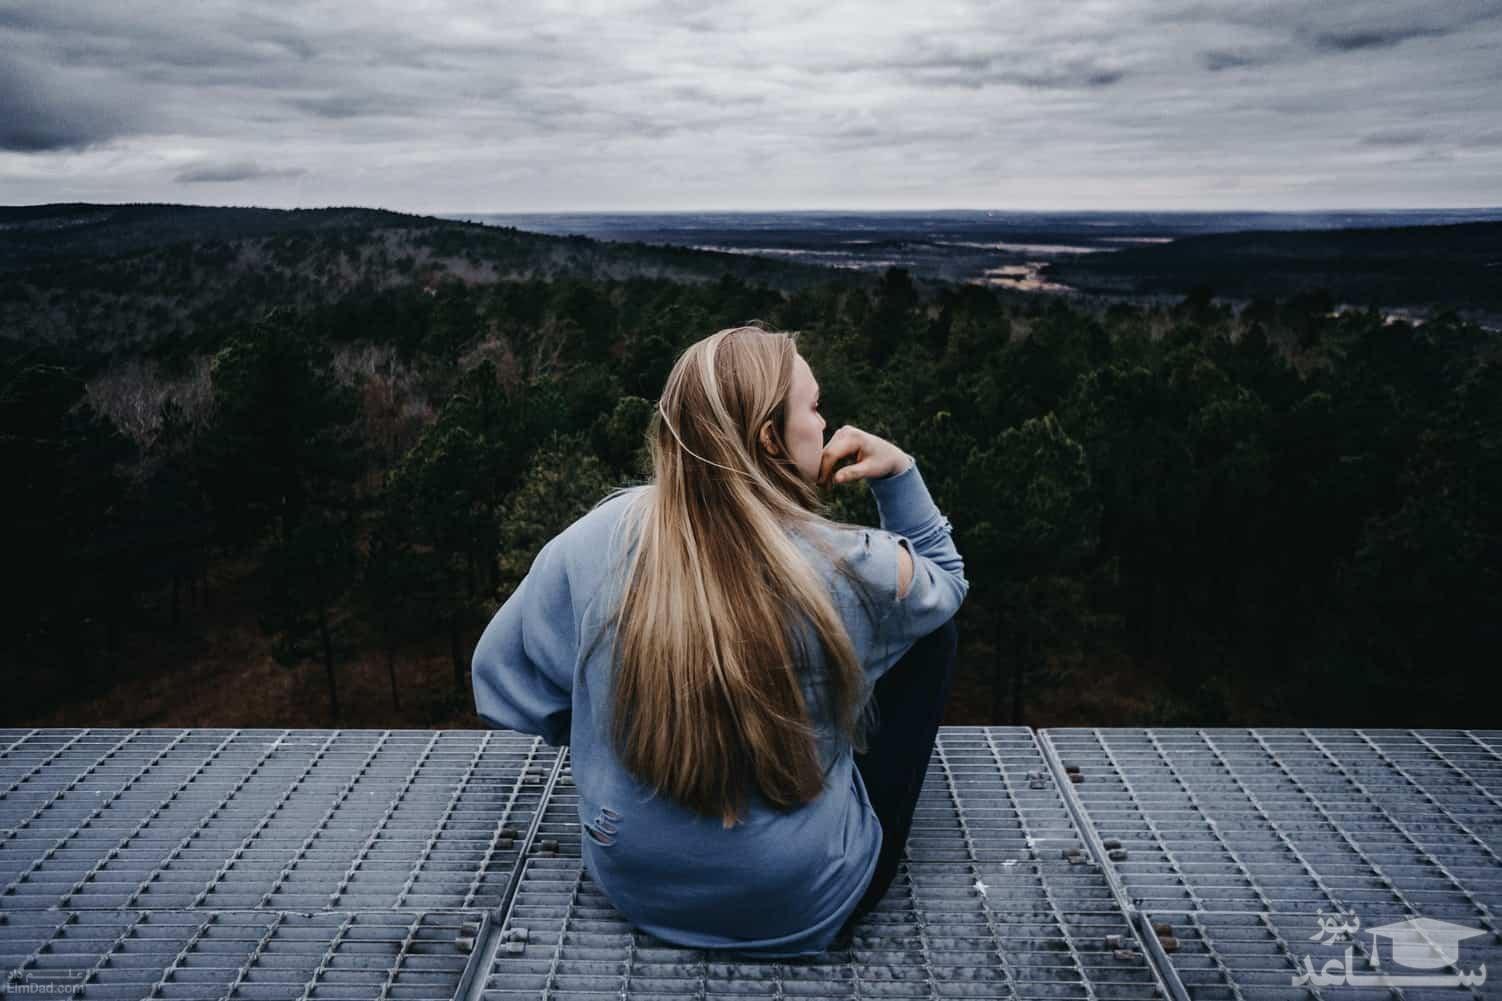 ۱۰ دلیل مشخص برای اینکه نباید به حرف دیگران اهمیت دهیم